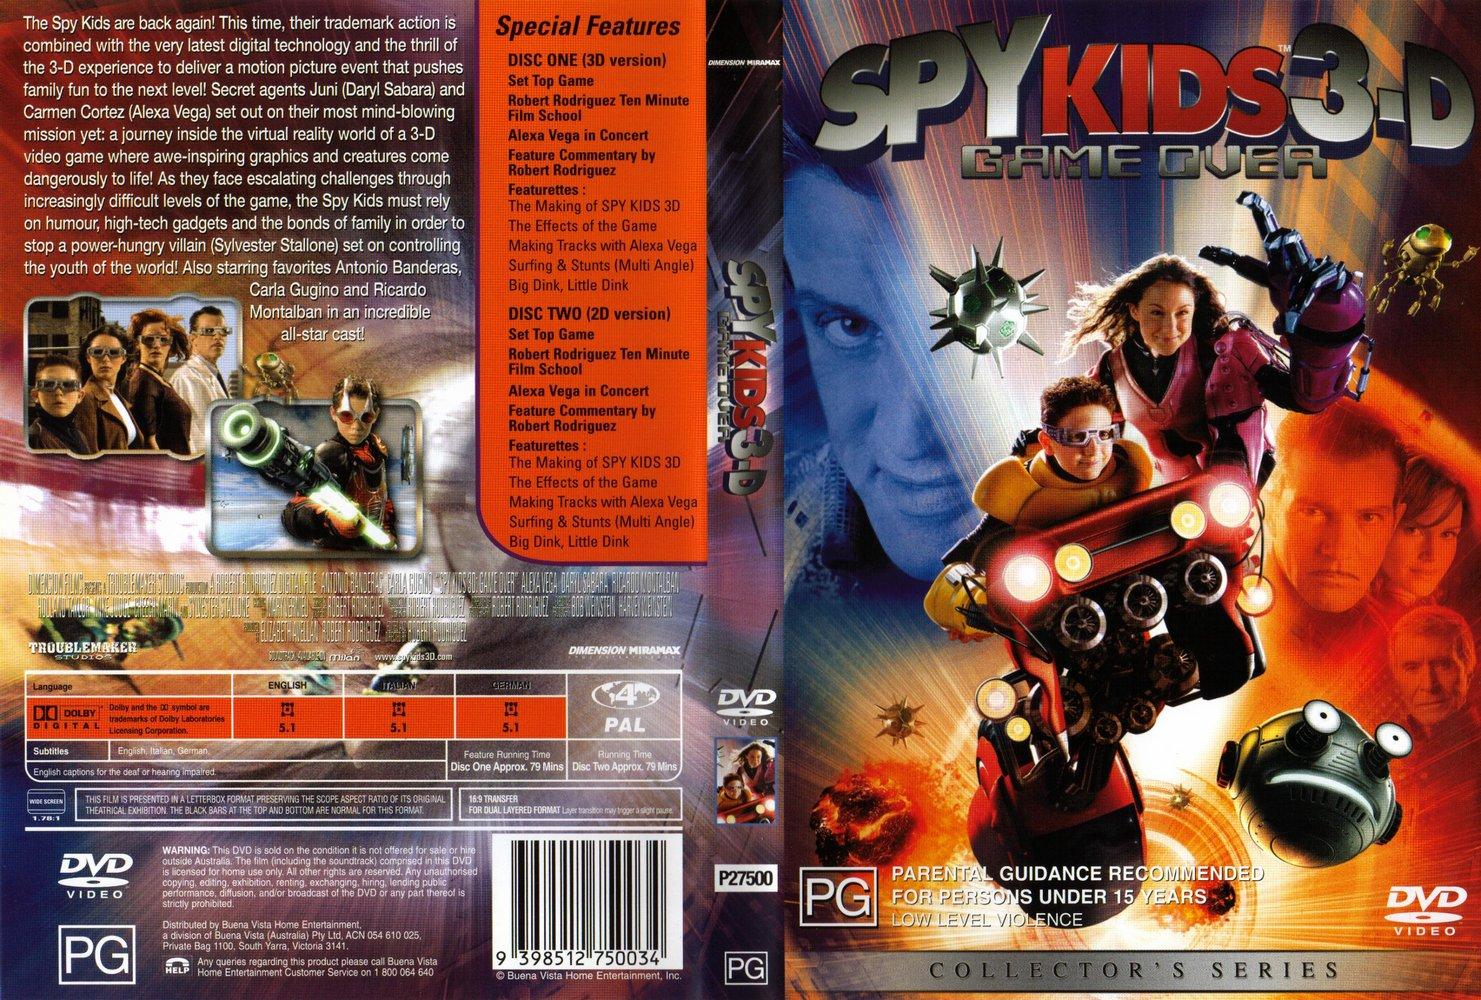 Assistir Pequenos Espiões 3D (2003) Torrent Dublado 720p 1080p 5.1 Online